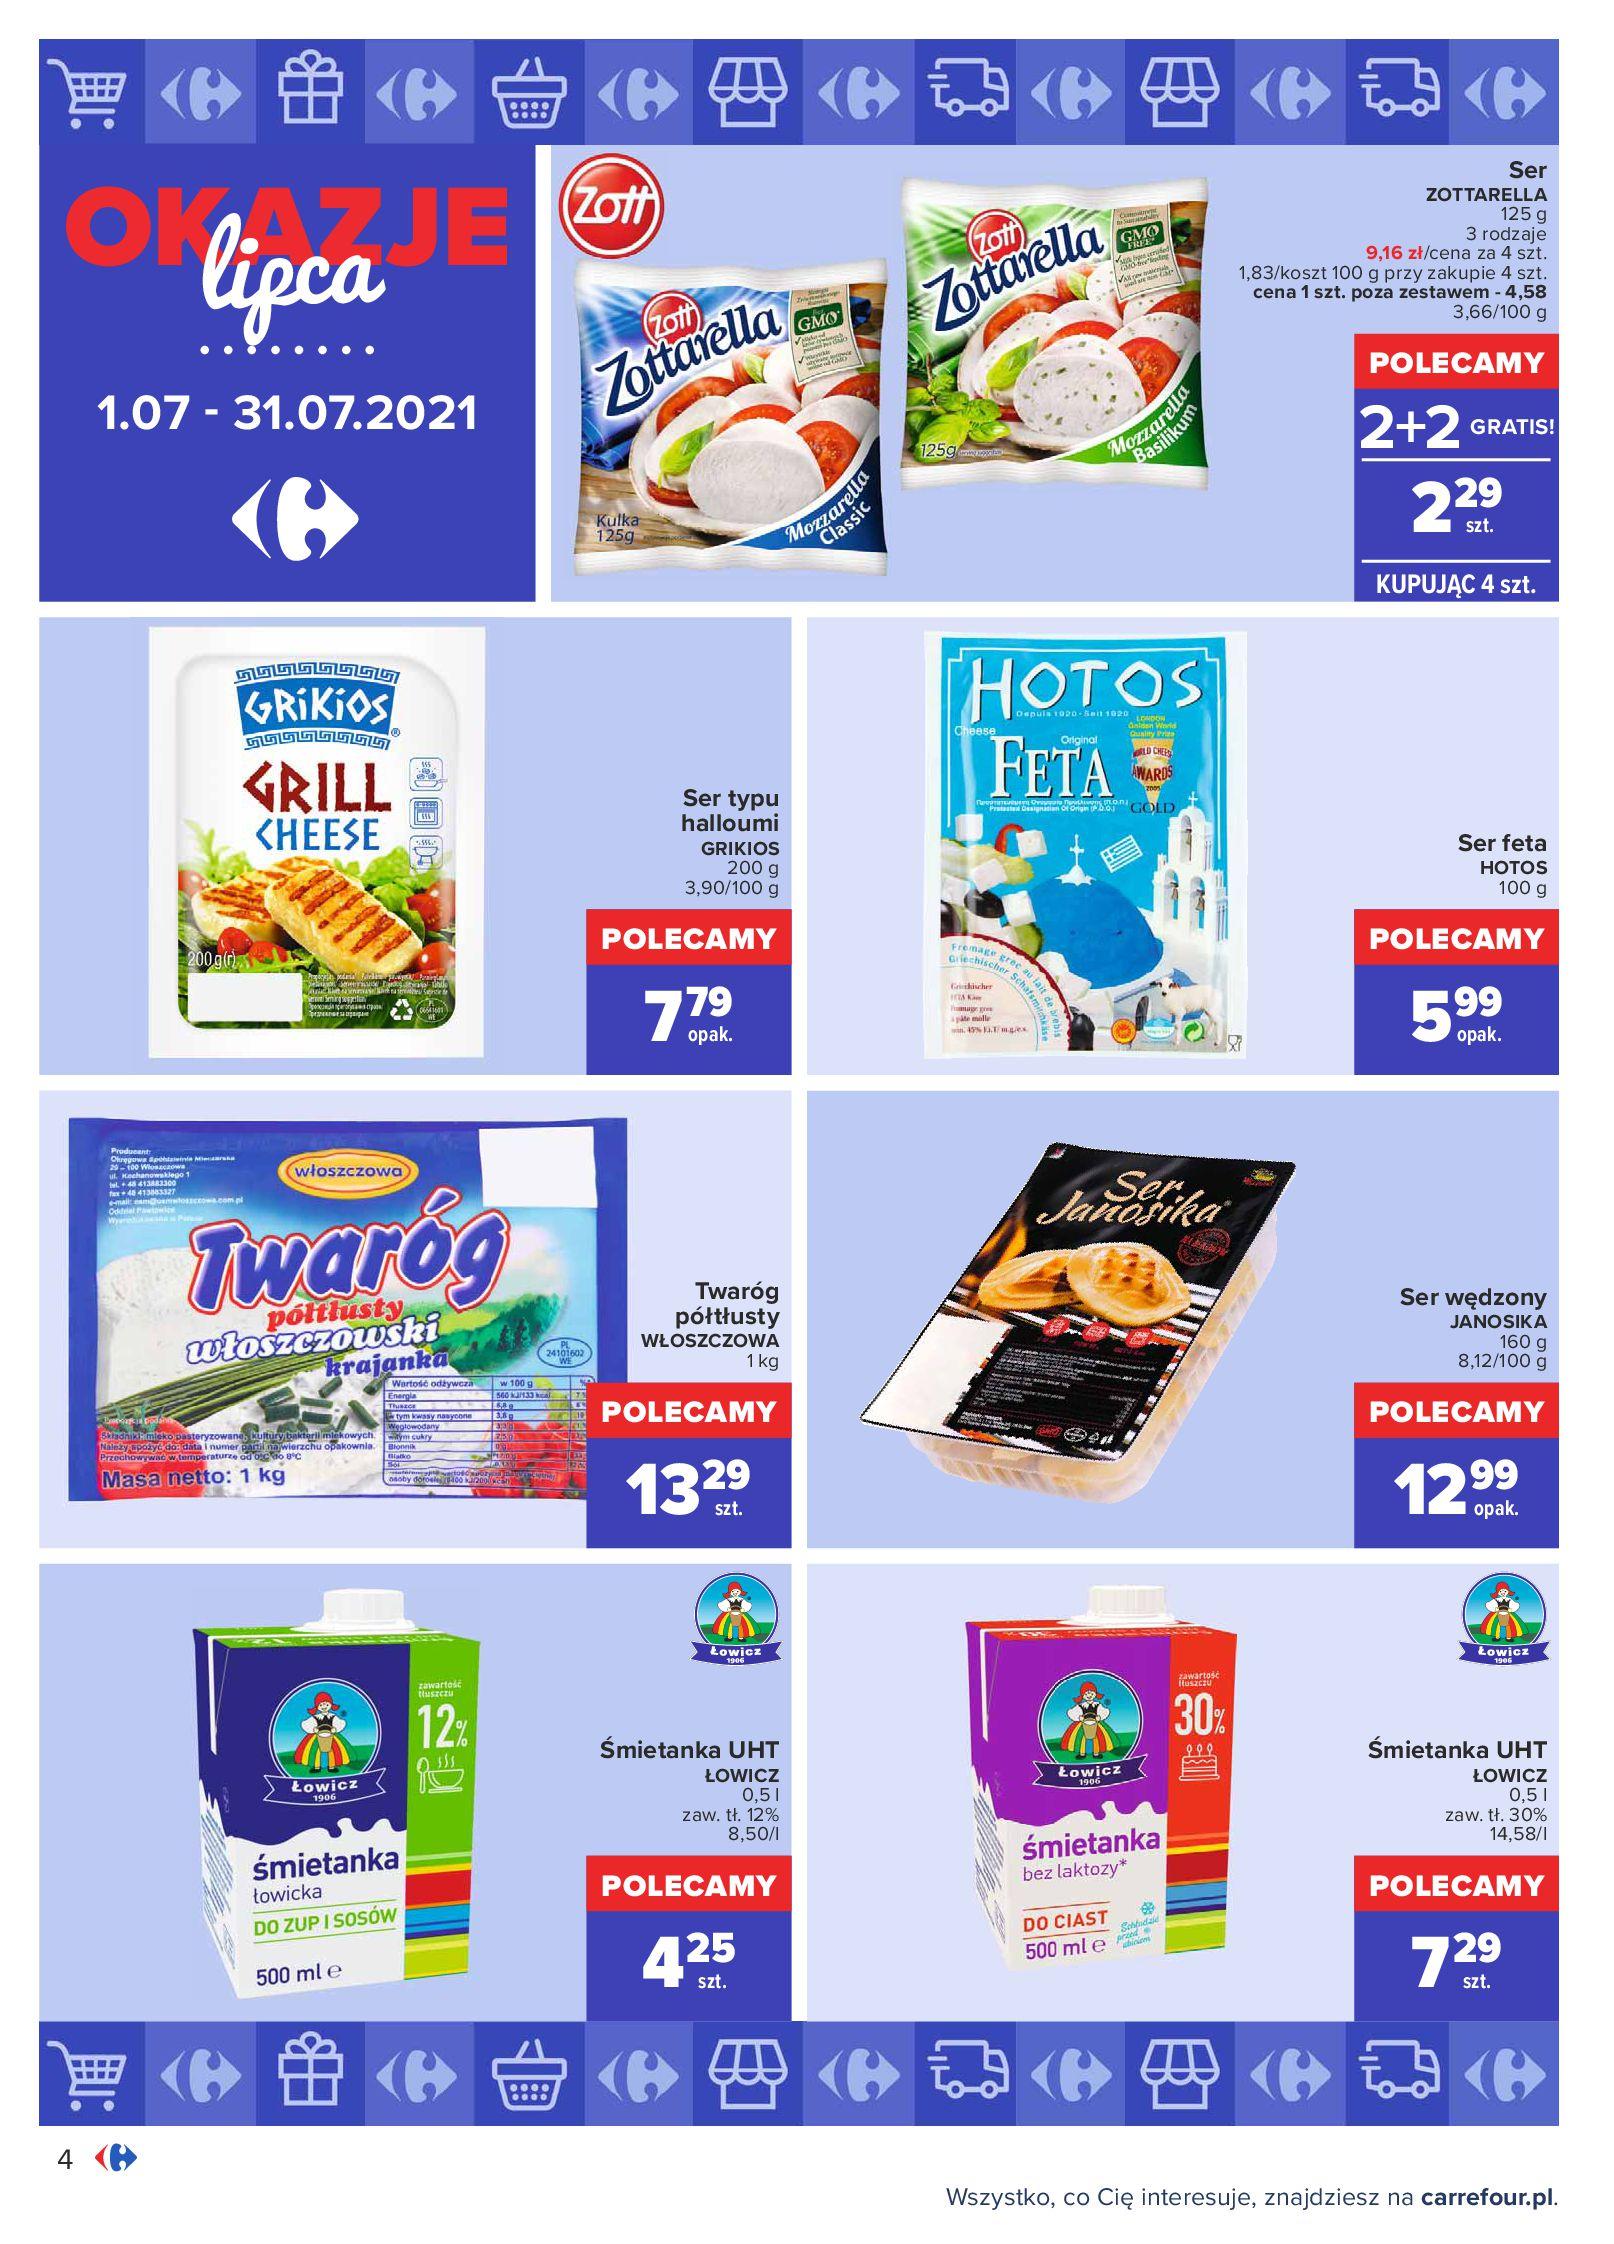 Gazetka Carrefour: Gazetka Carrefour - Okazje lipca 2021-07-01 page-4